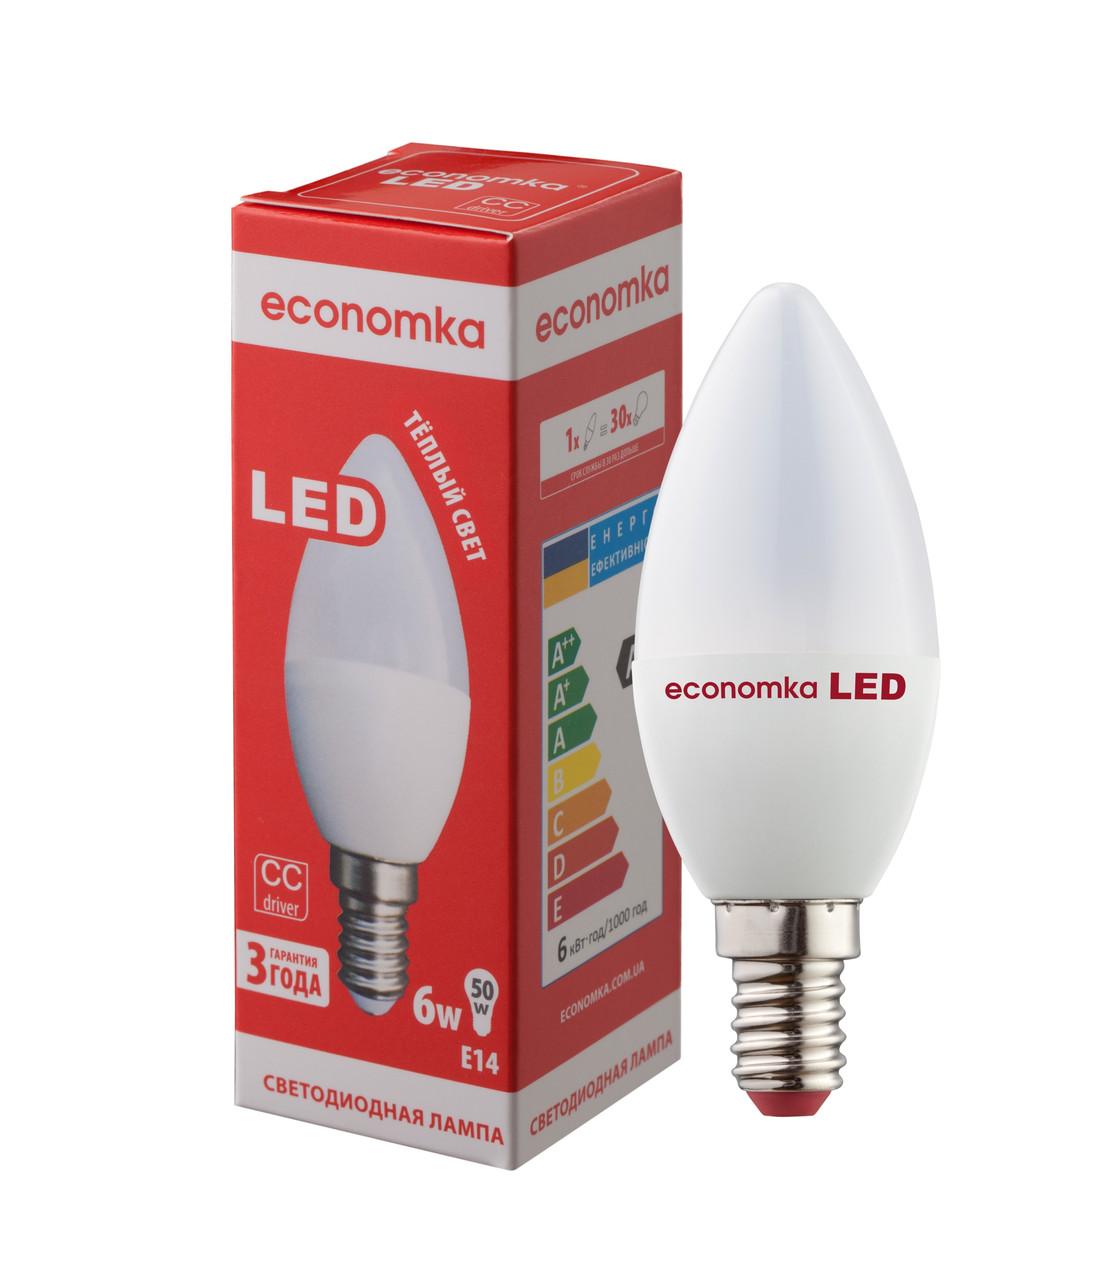 Светодиодная лампа Economka LED CN 6W E14-2800 К